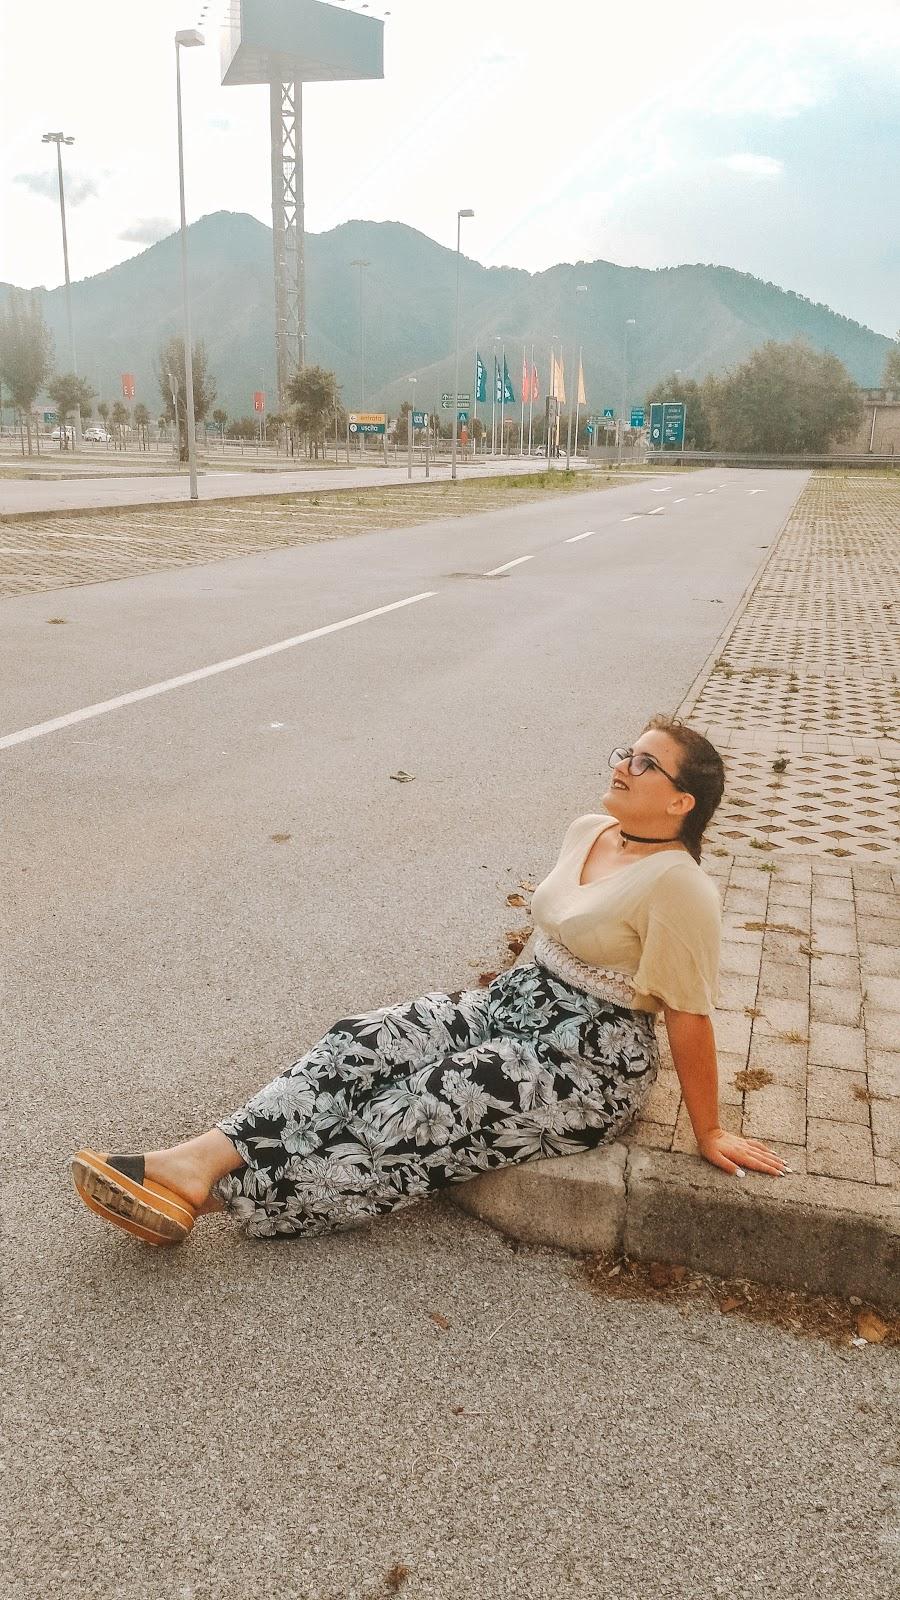 ragazza seduta in strada che guarda il cielo e sorride